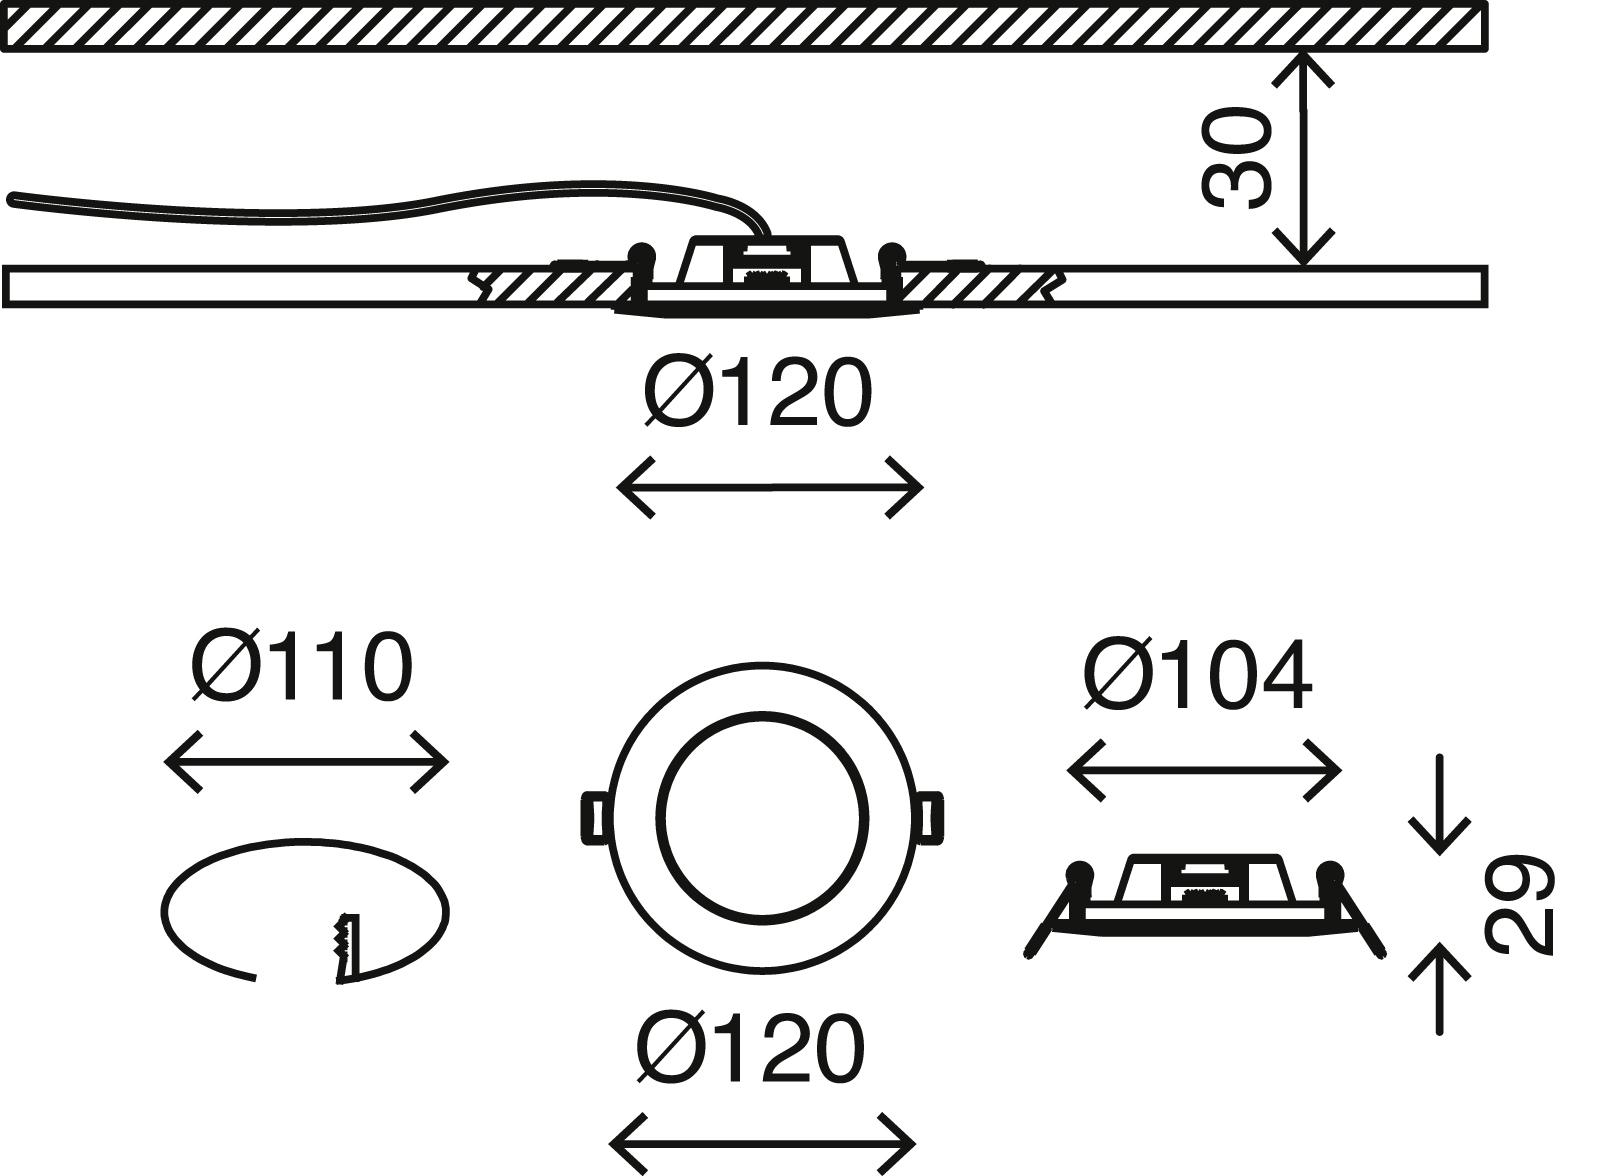 LED Einbauleuchte, Ø 12 cm, 6,4 W, Weiß